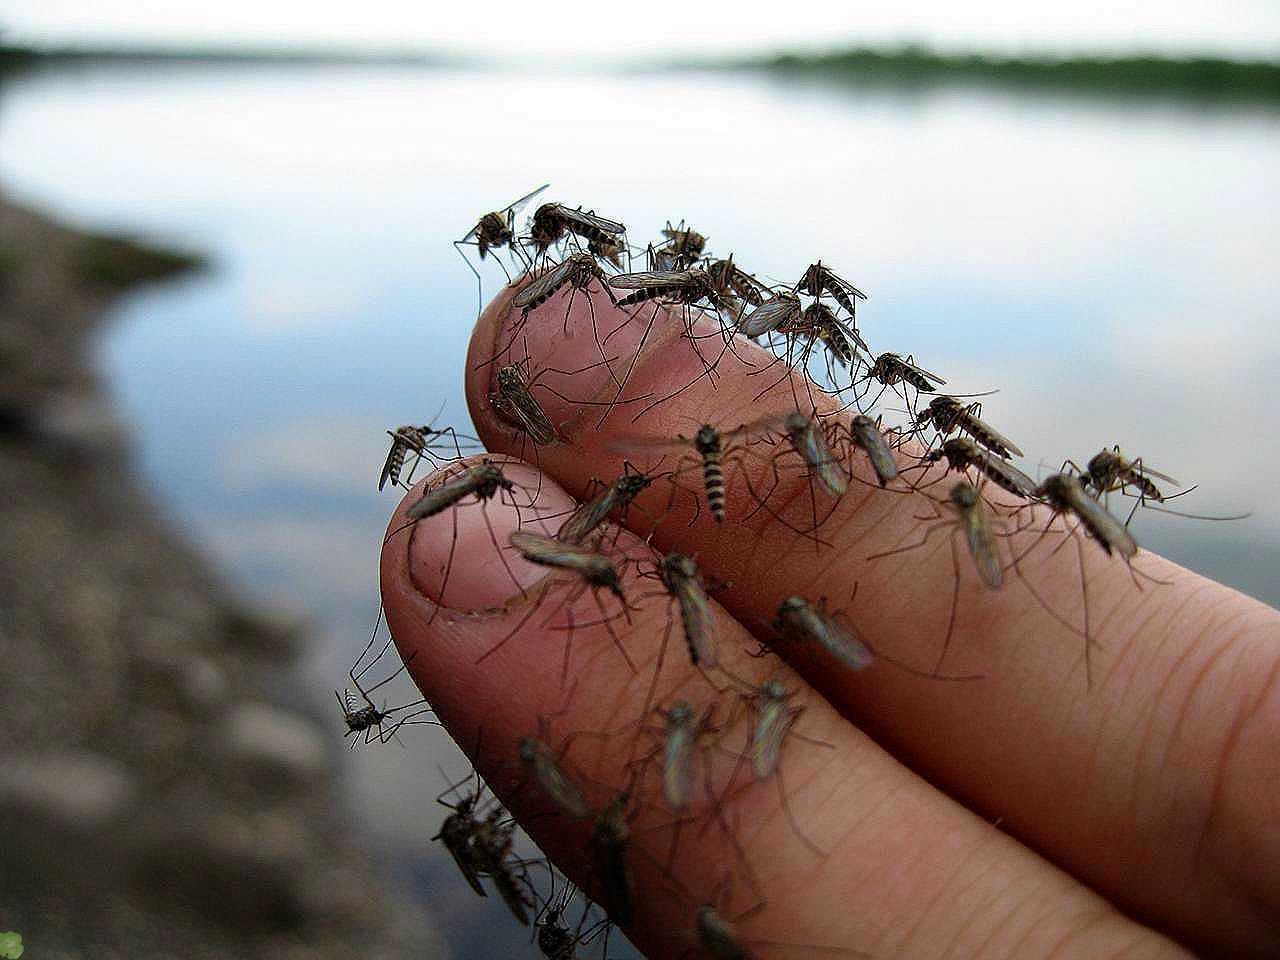 Боремся с комарами на даче с помощью самодельной ловушки